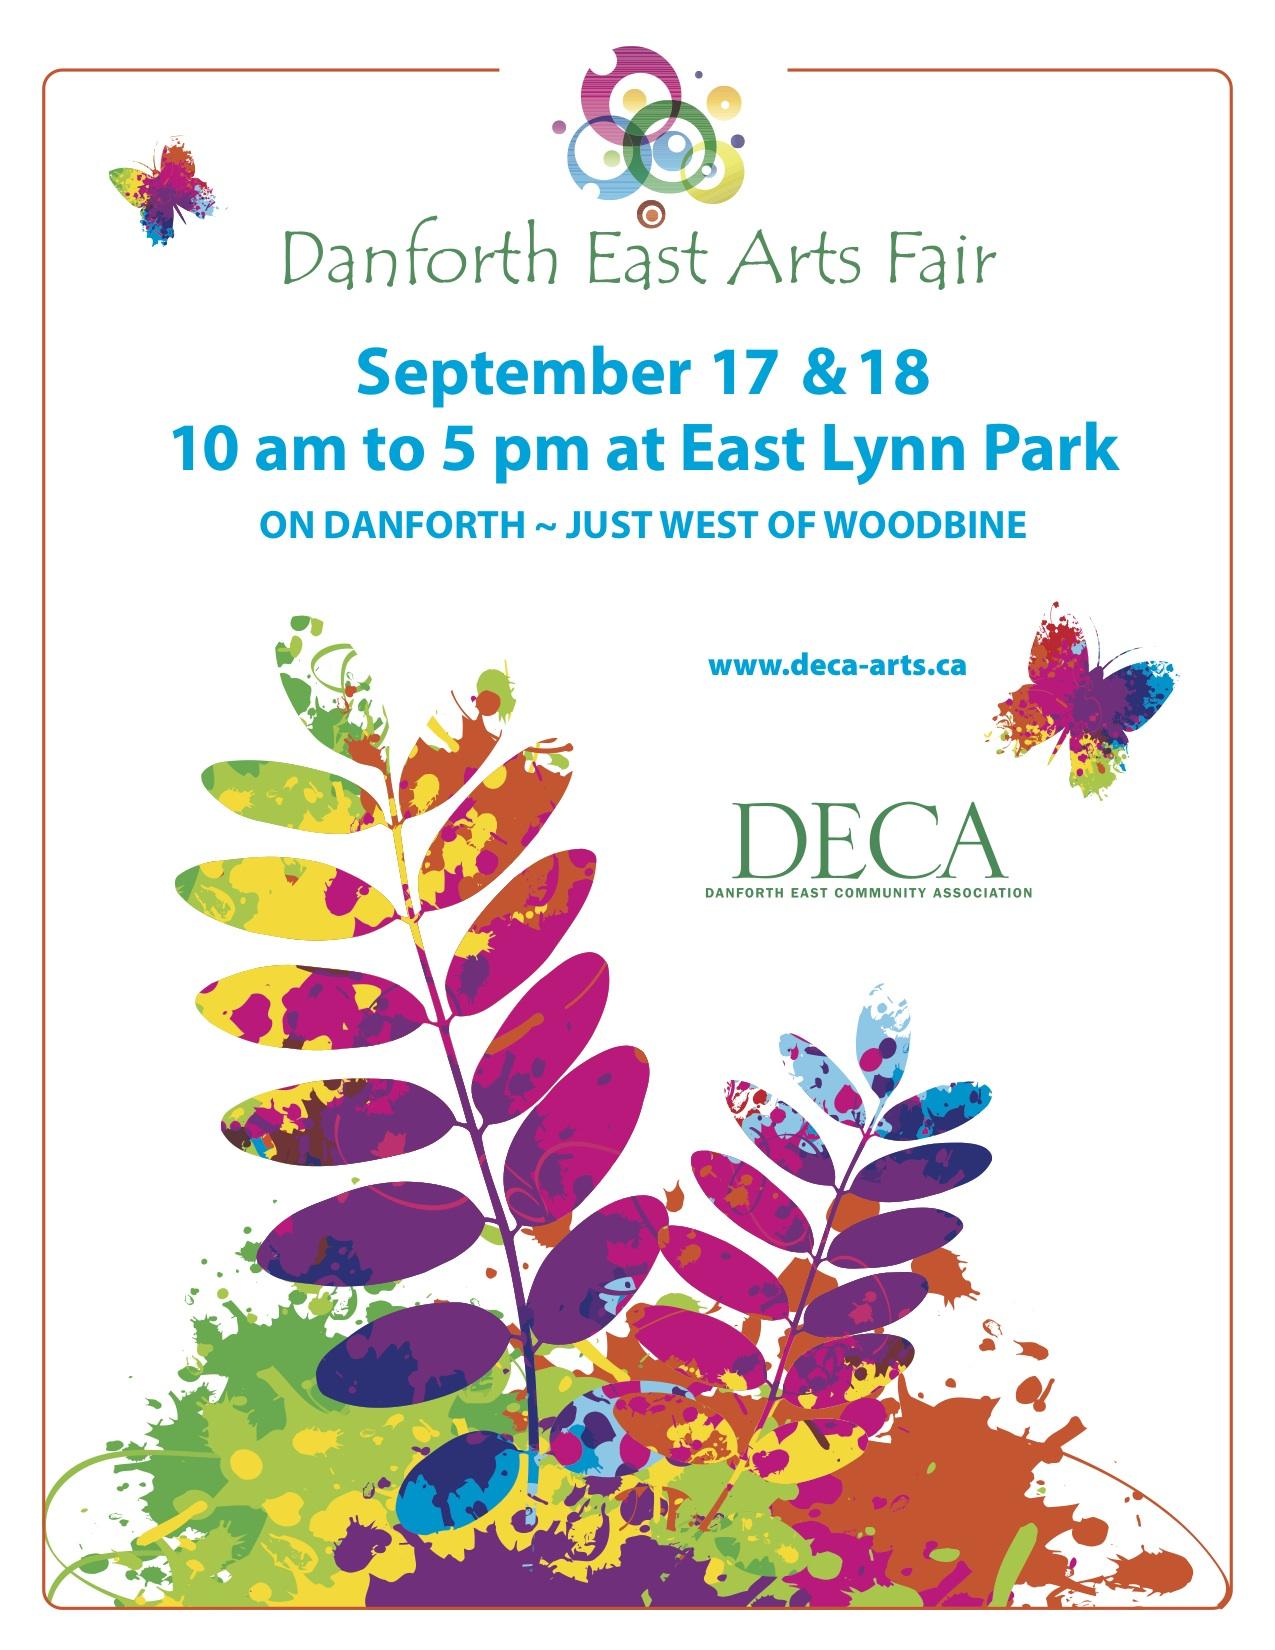 Danforth East Arts Fair Poster